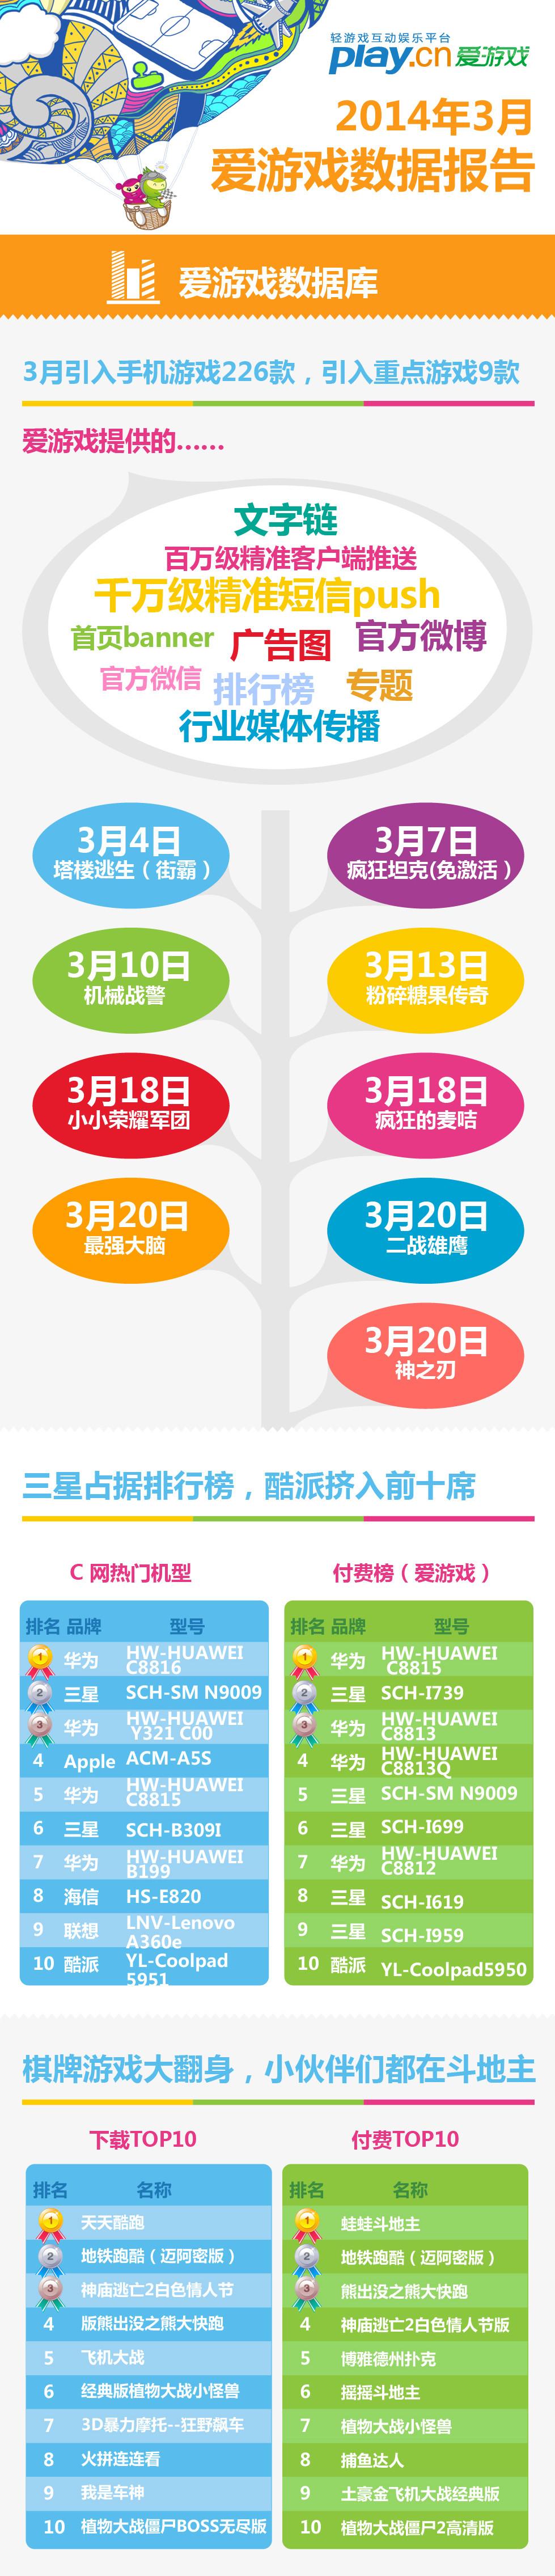 2014年3月爱游戏数据报告:棋牌游戏大翻身